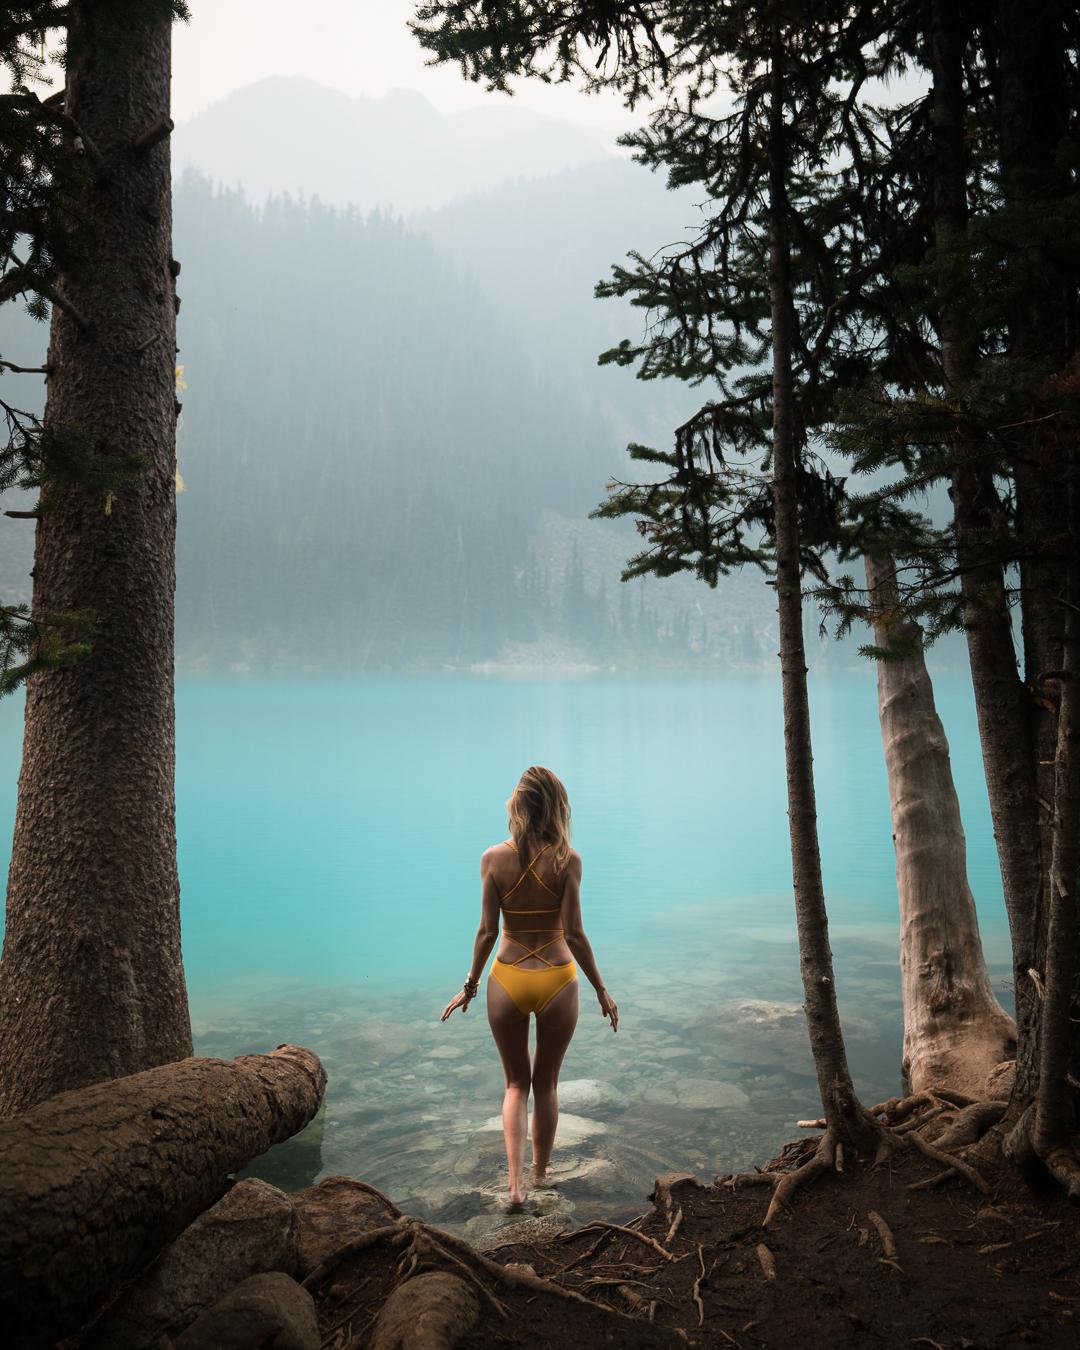 Jess Wandering Top Ten Instagram Posts